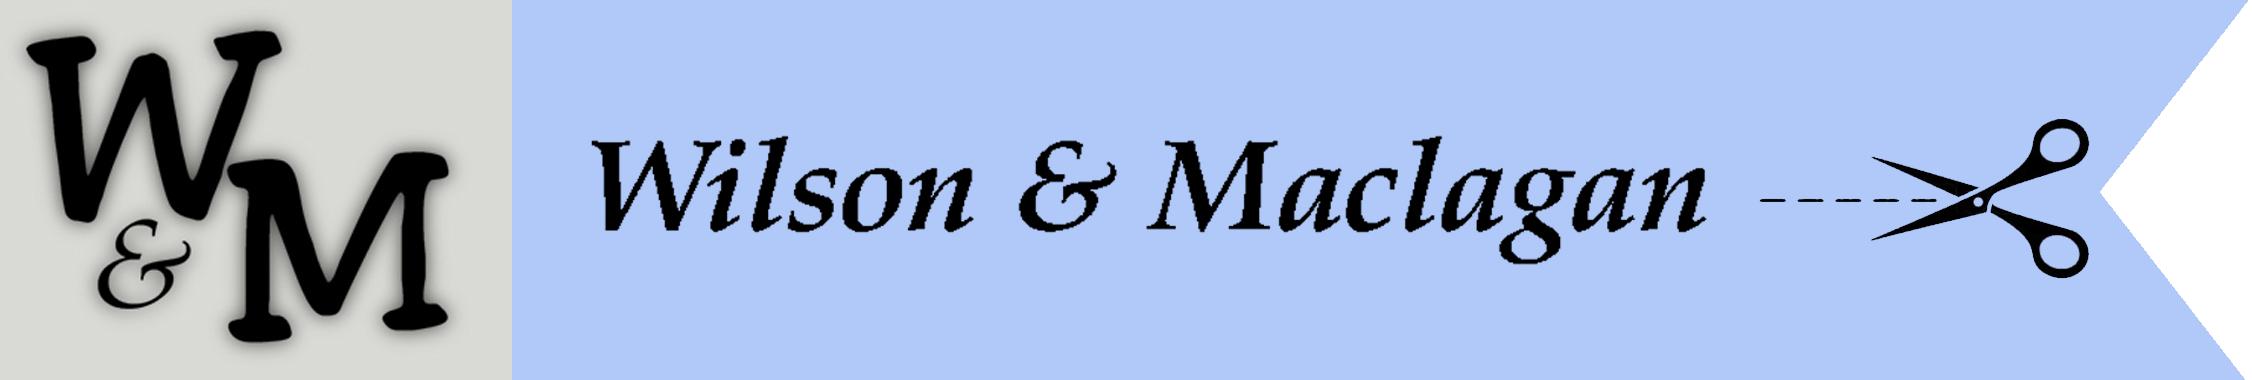 Wilson & Maclagan